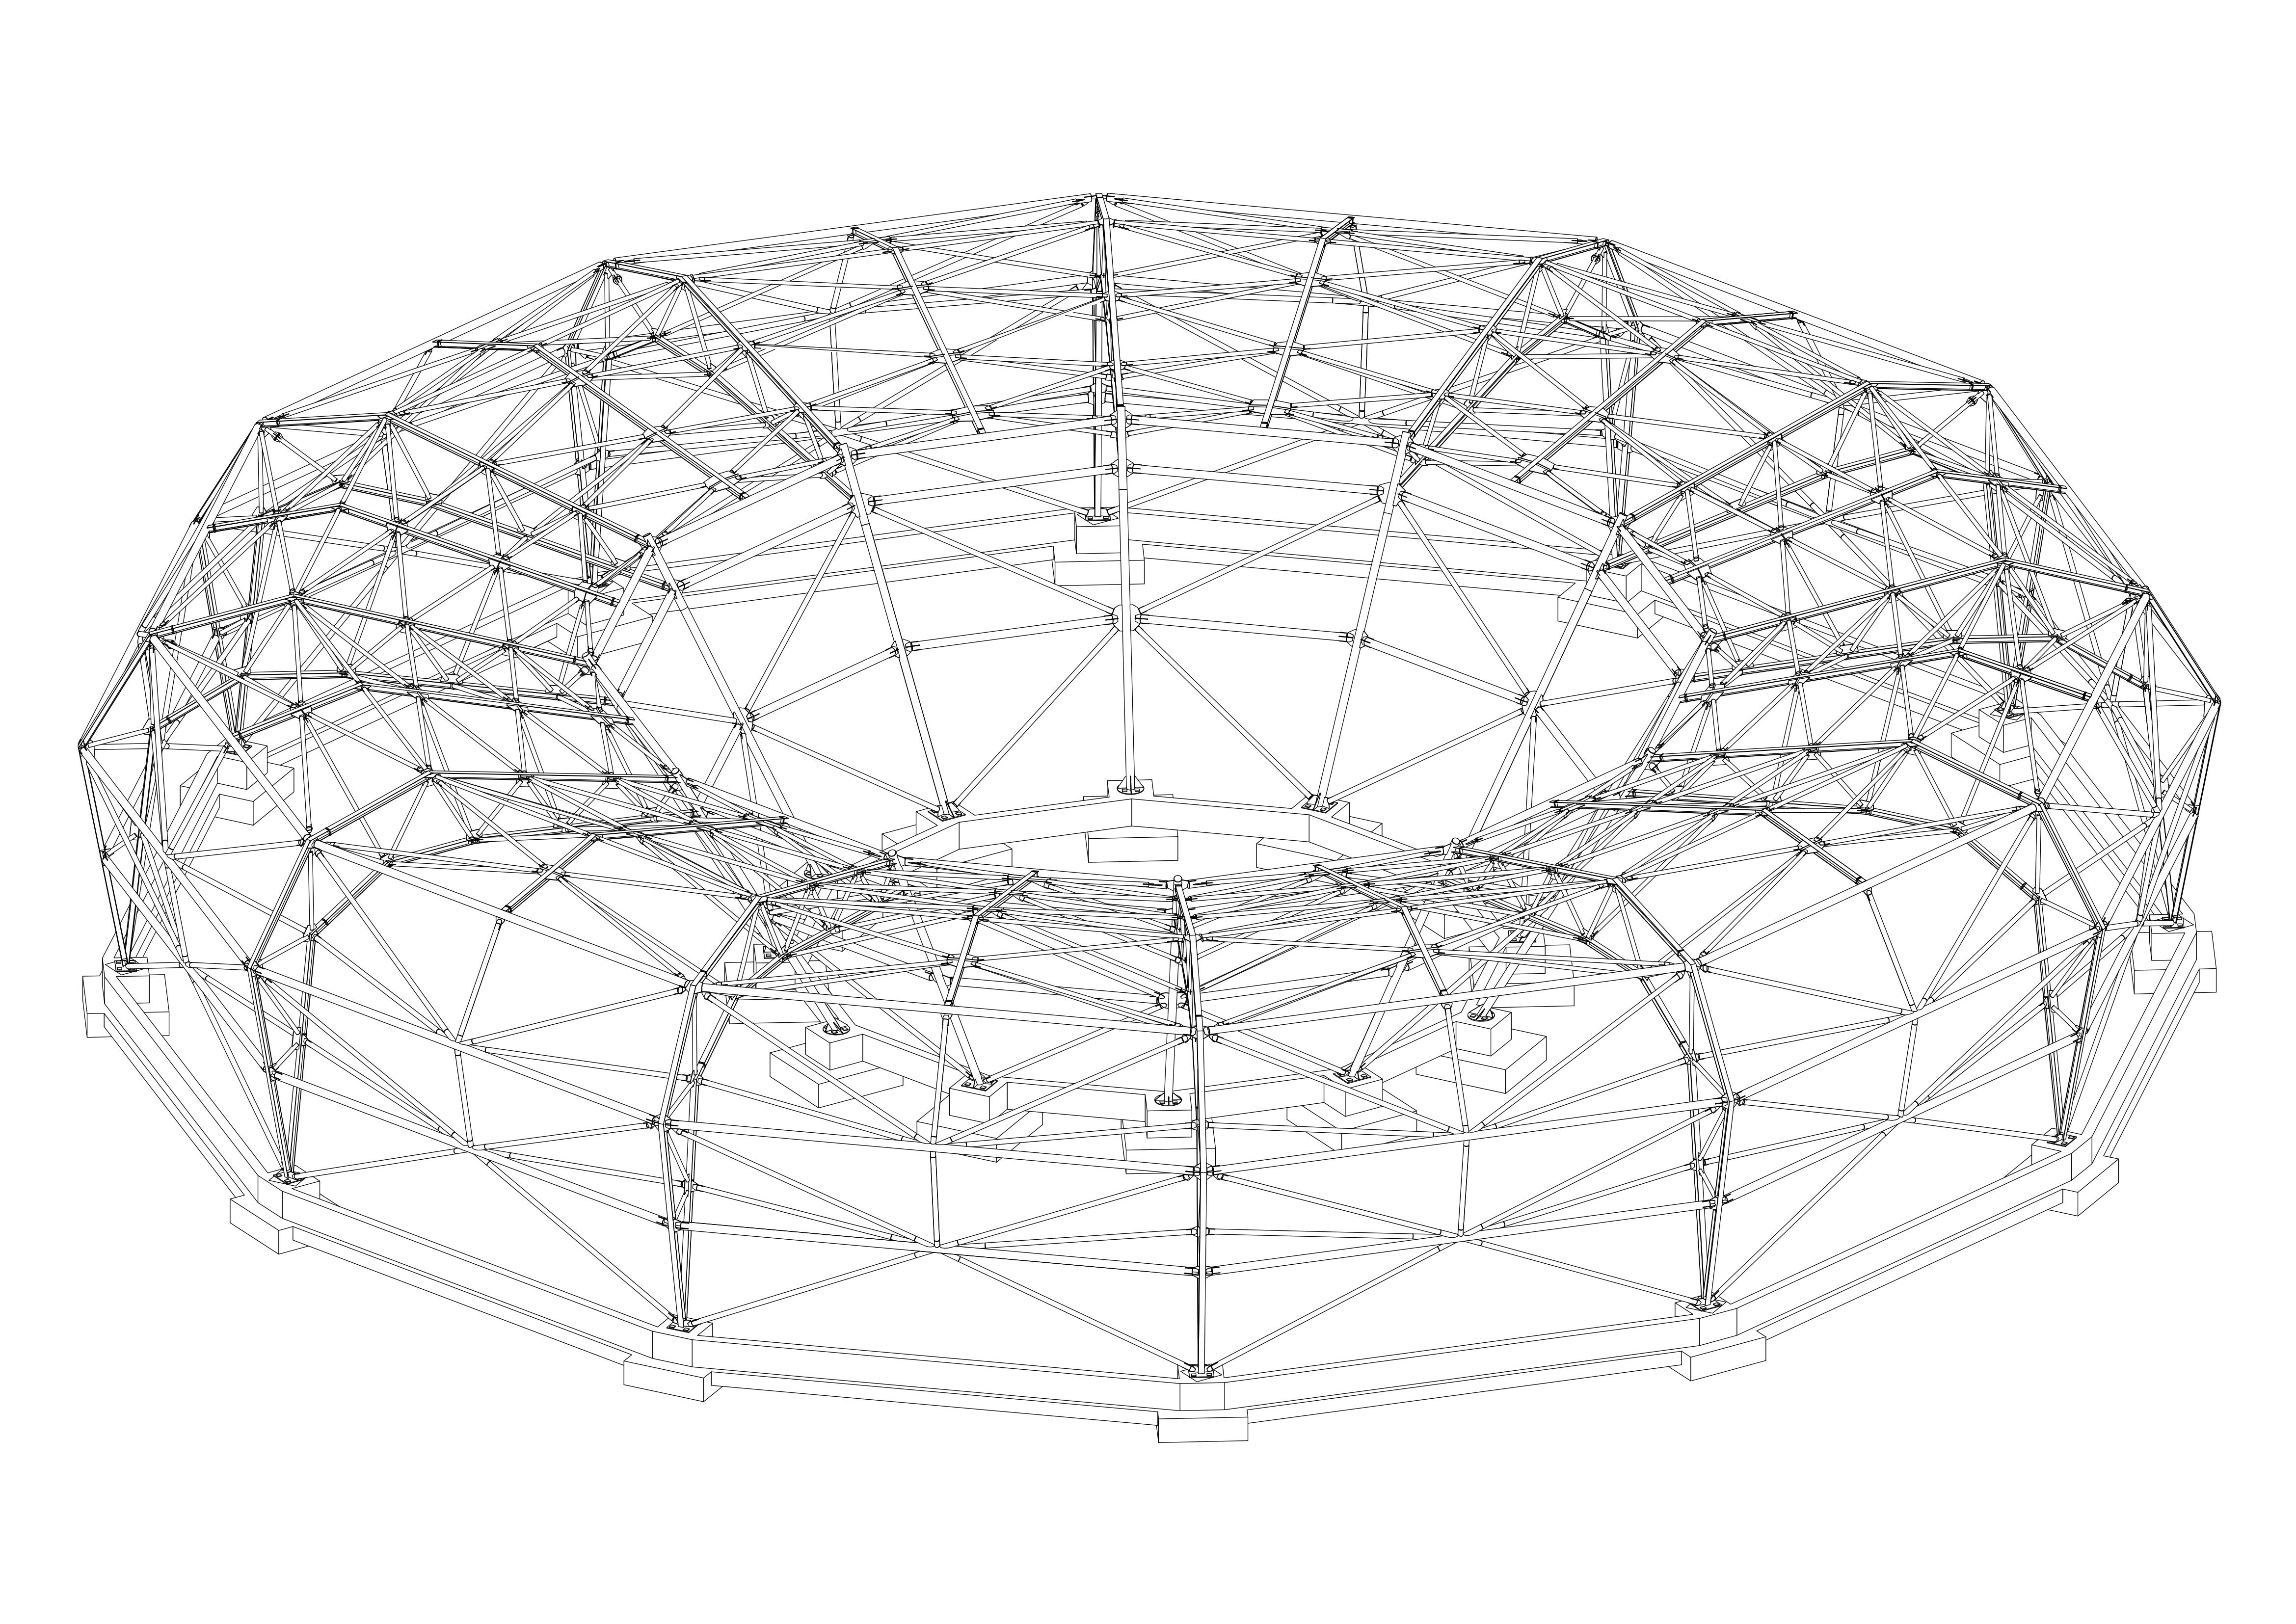 Projekt konstrukcji stalowej Muzeum Sztuki Nowoczesnej